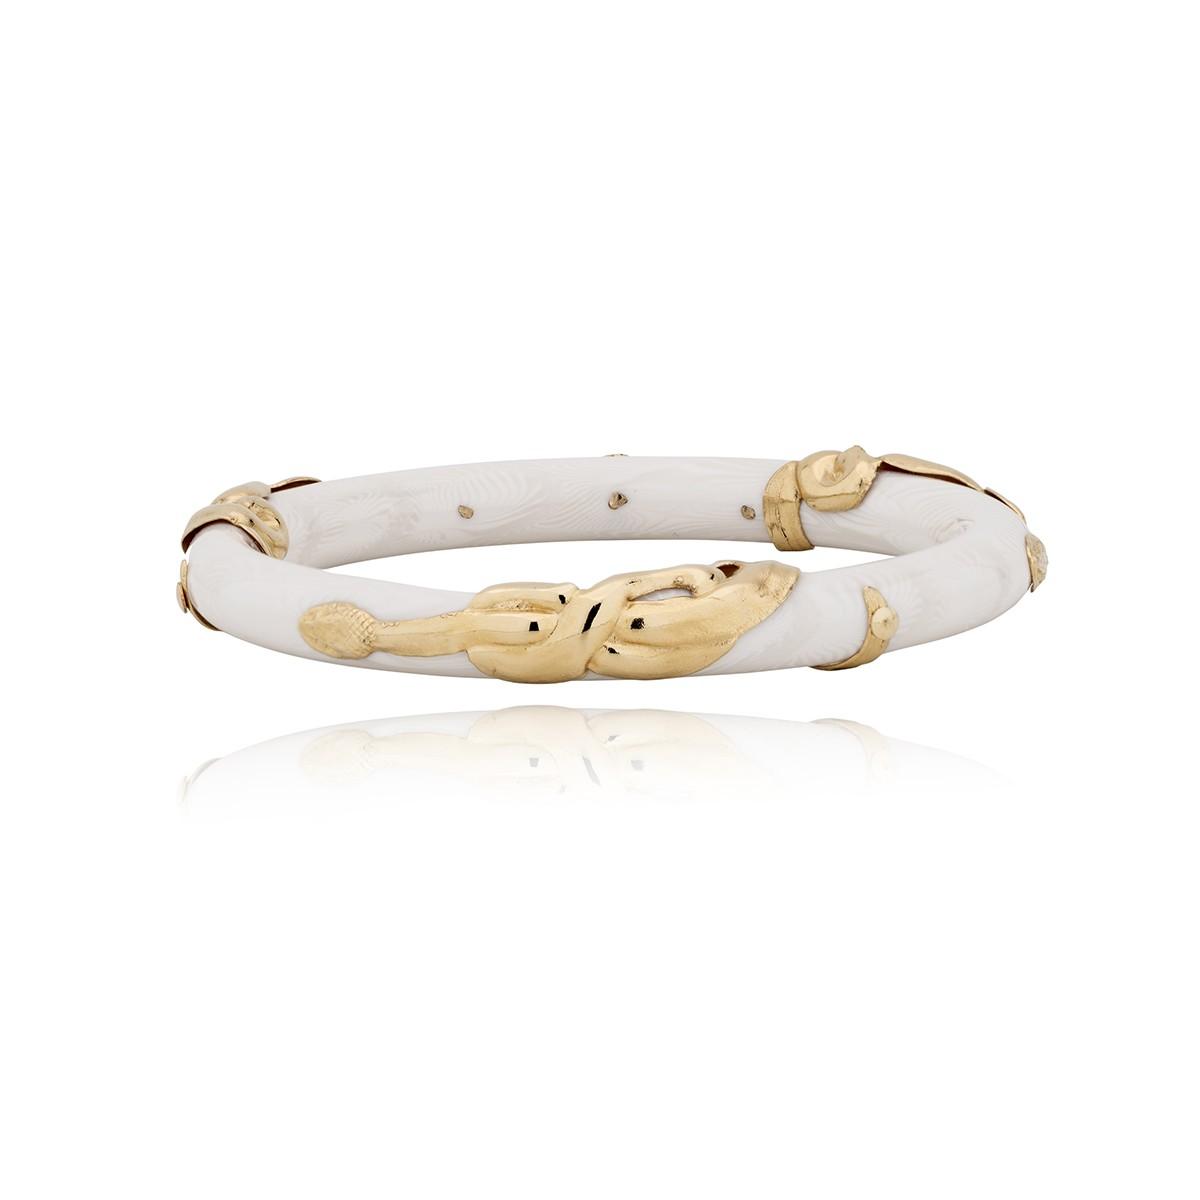 Pulsera de acetato pulida a mano y adornada con una serpiente chapada en oro de 24k. Diametro 6,2cm.